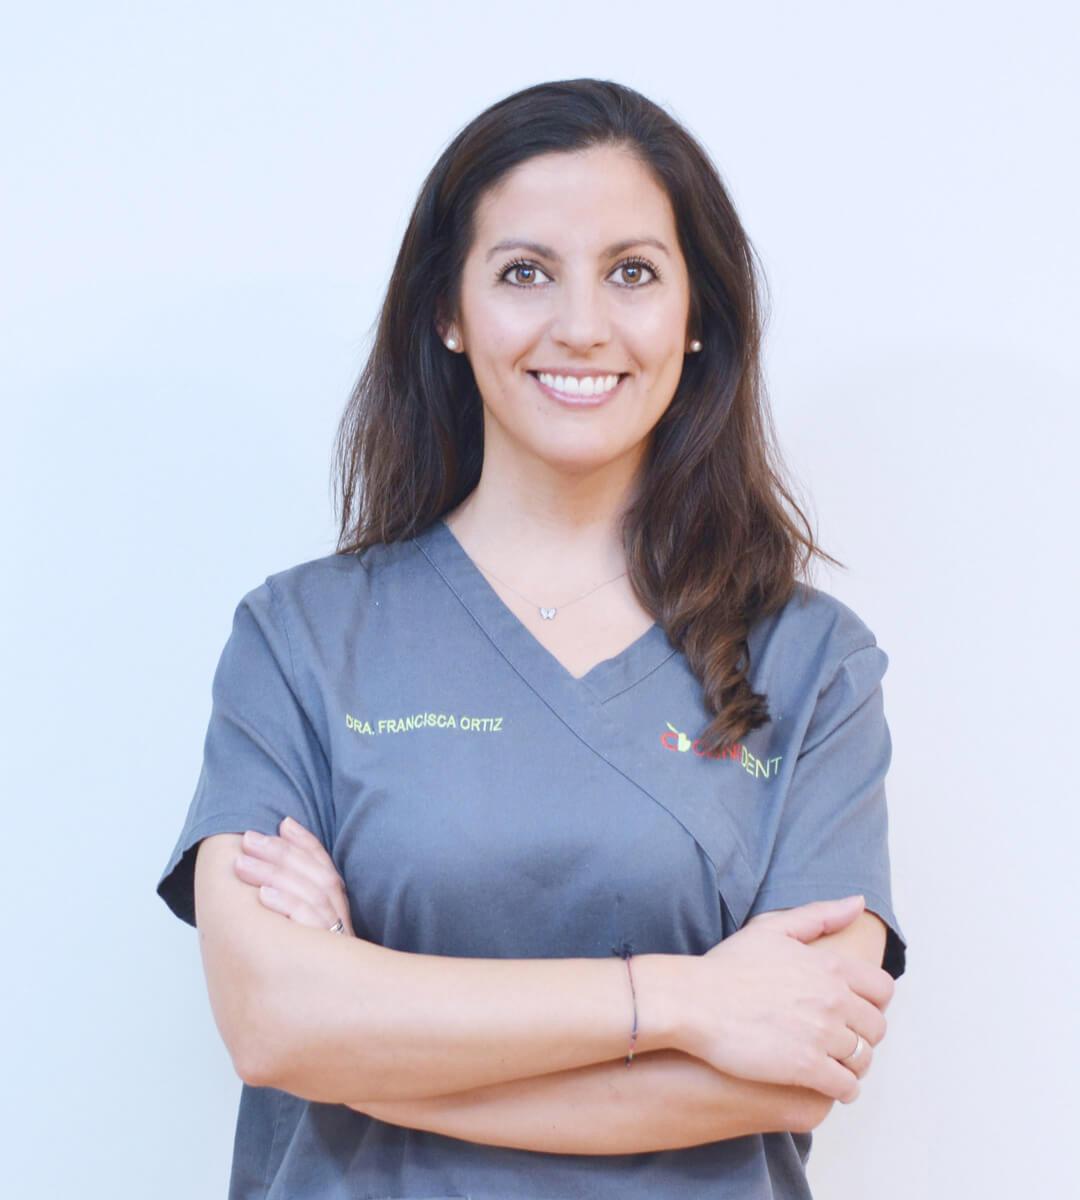 Dra. Francisca Ortiz